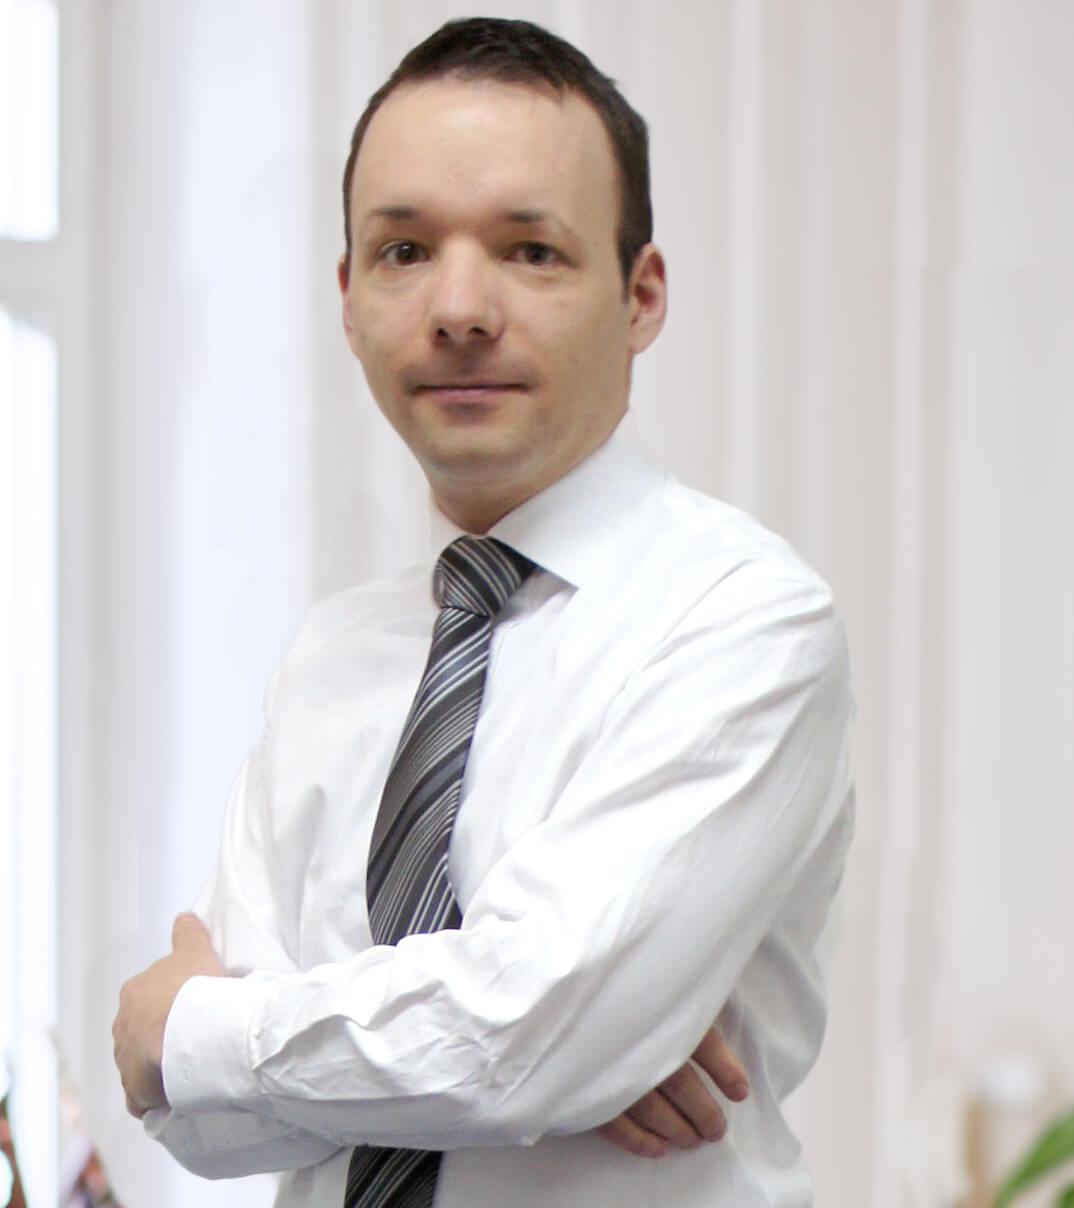 Samuel Baumgartner